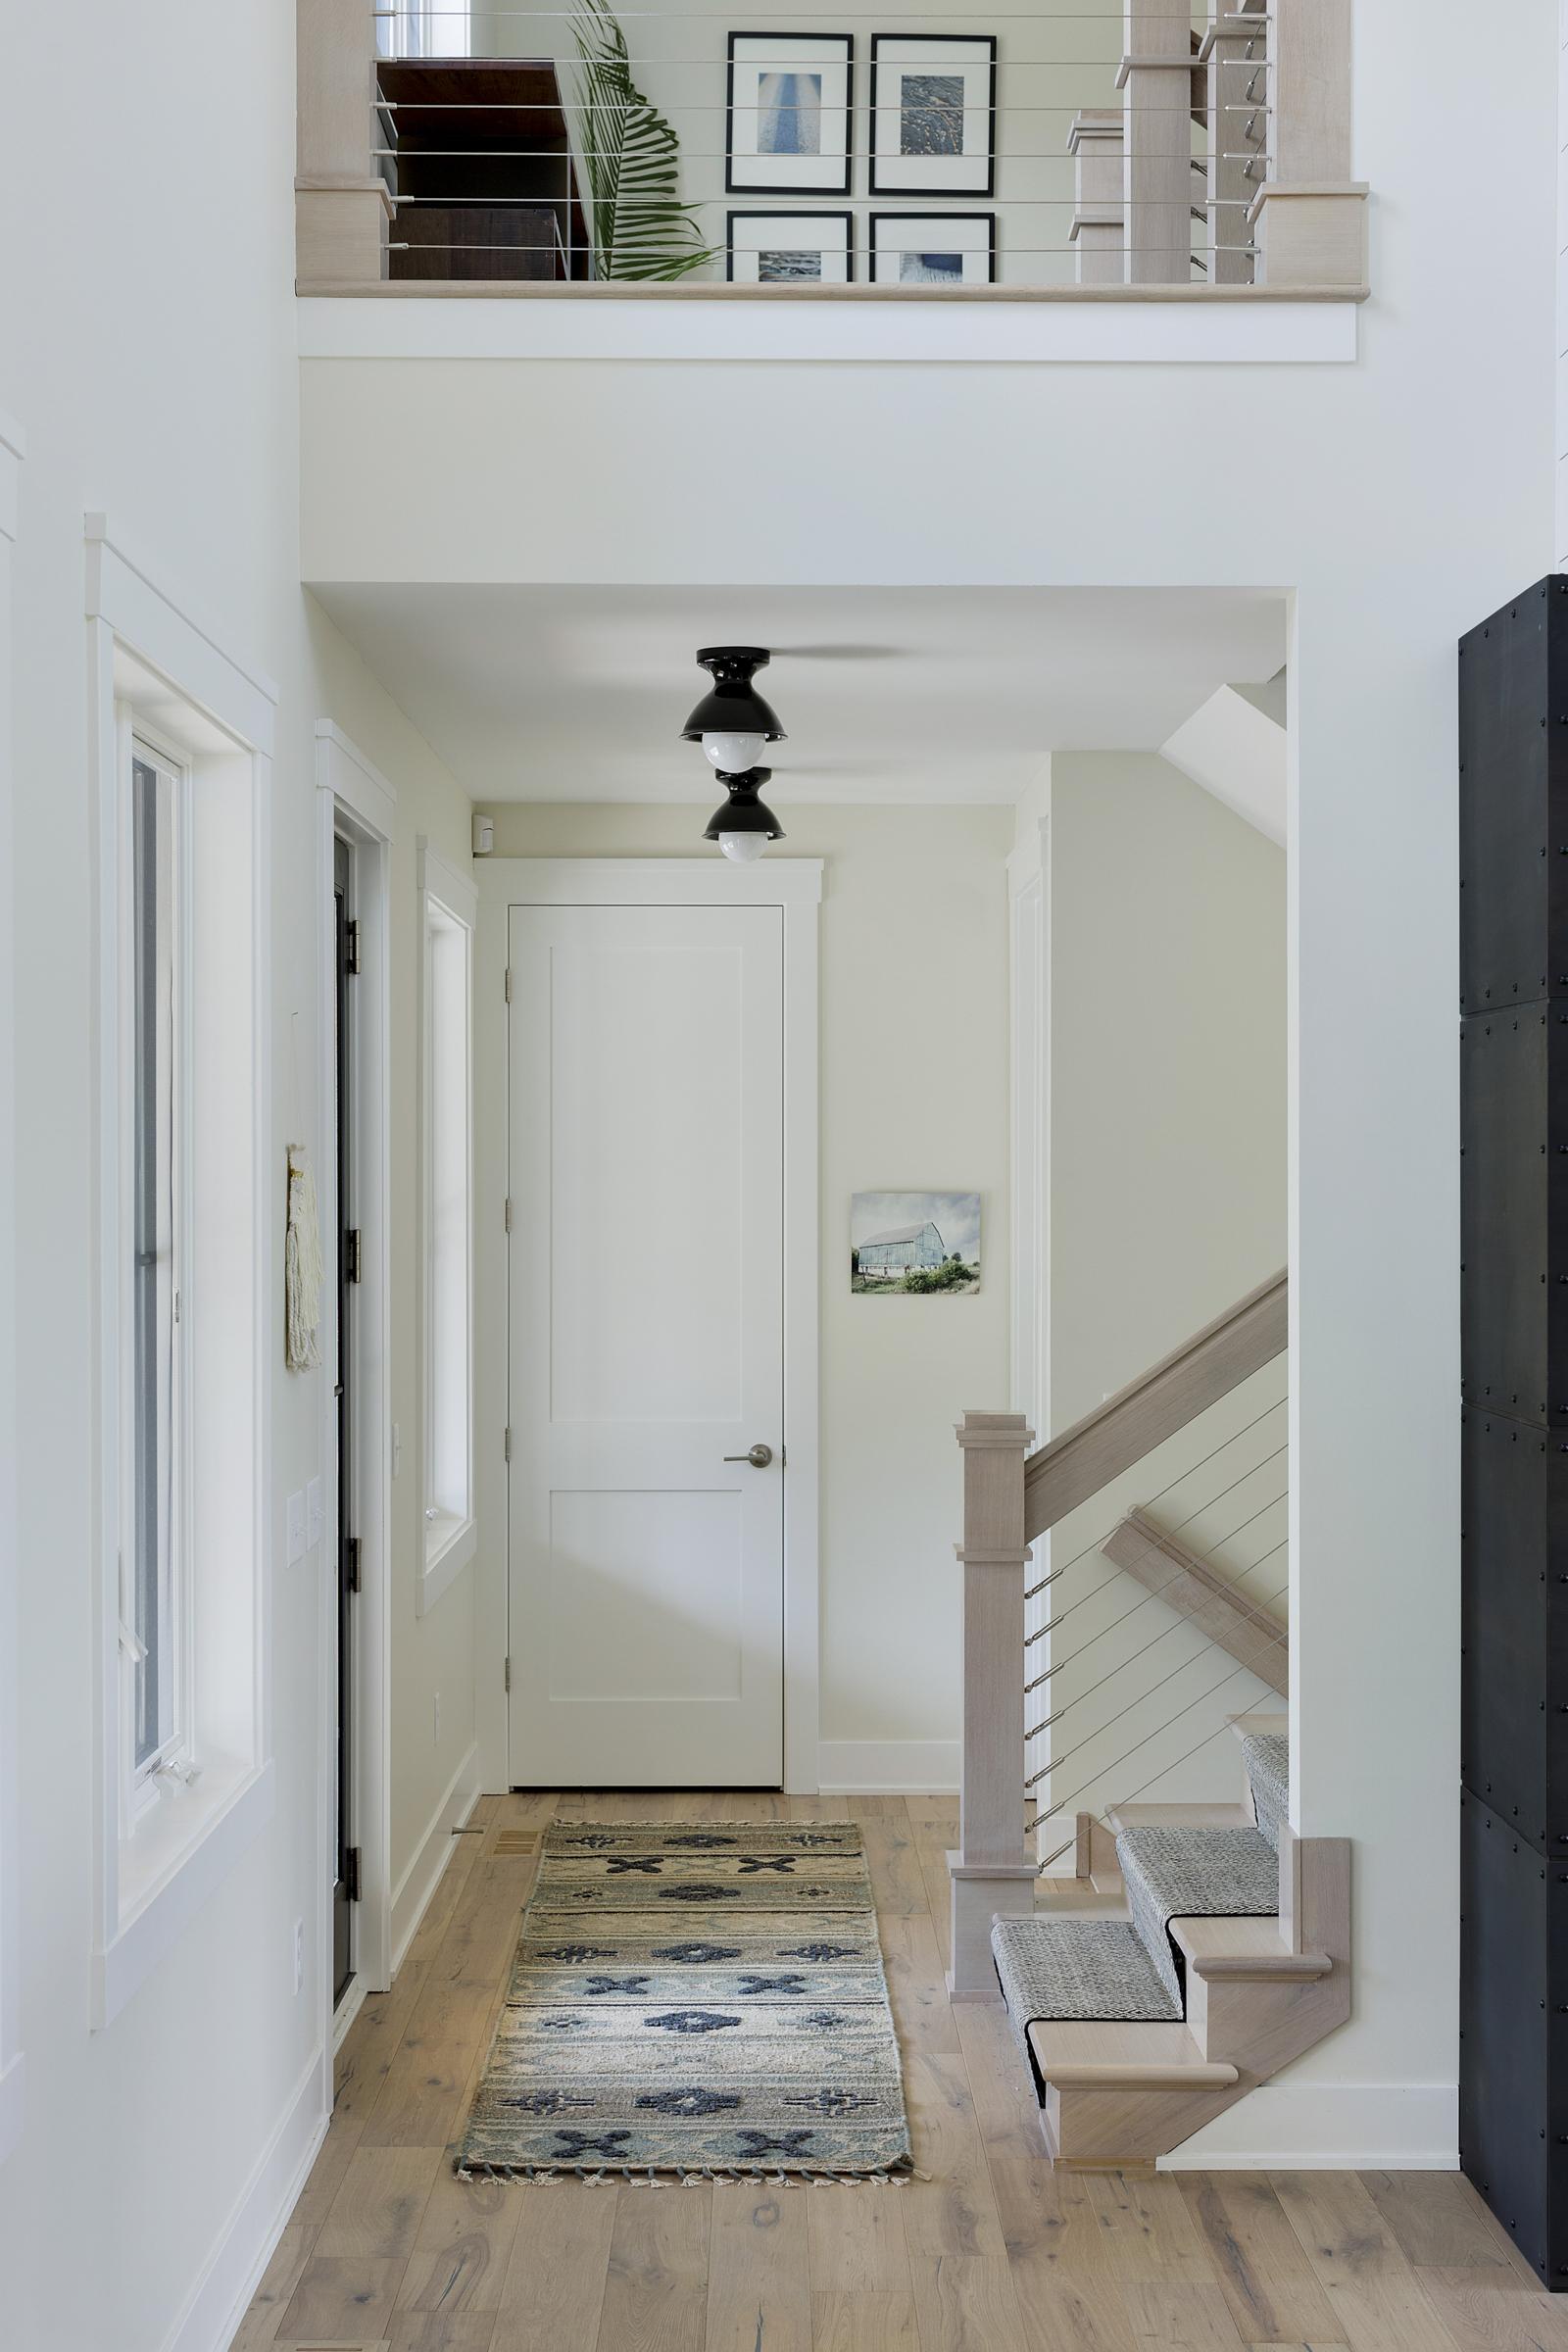 Home_Designer_StillwaterMN_03.jpg